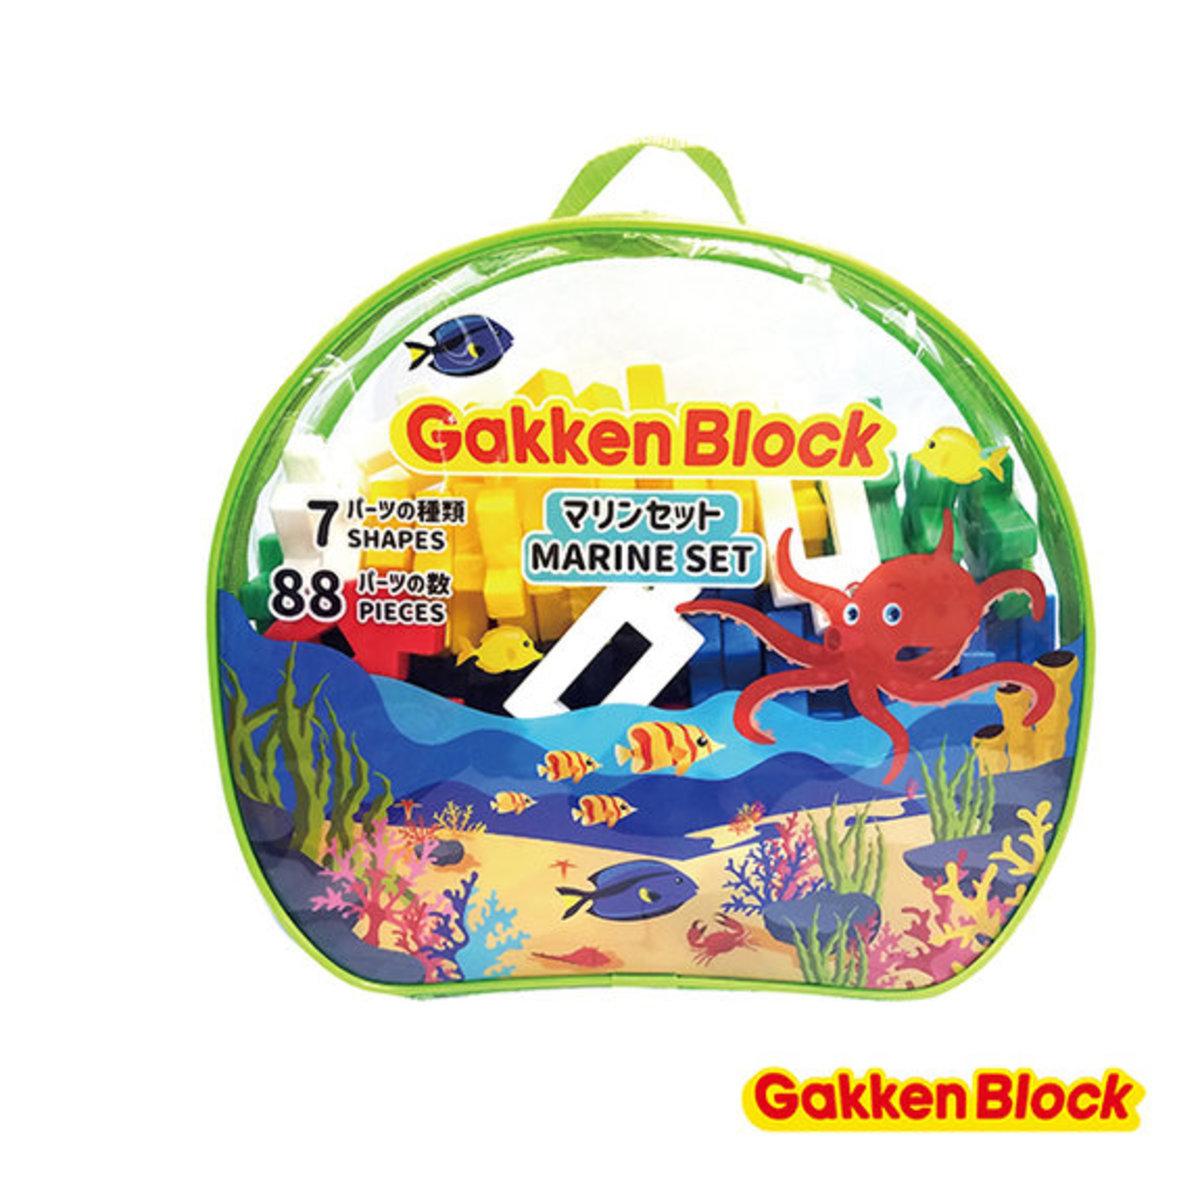 GAKKEN BLOCK MARINE SET